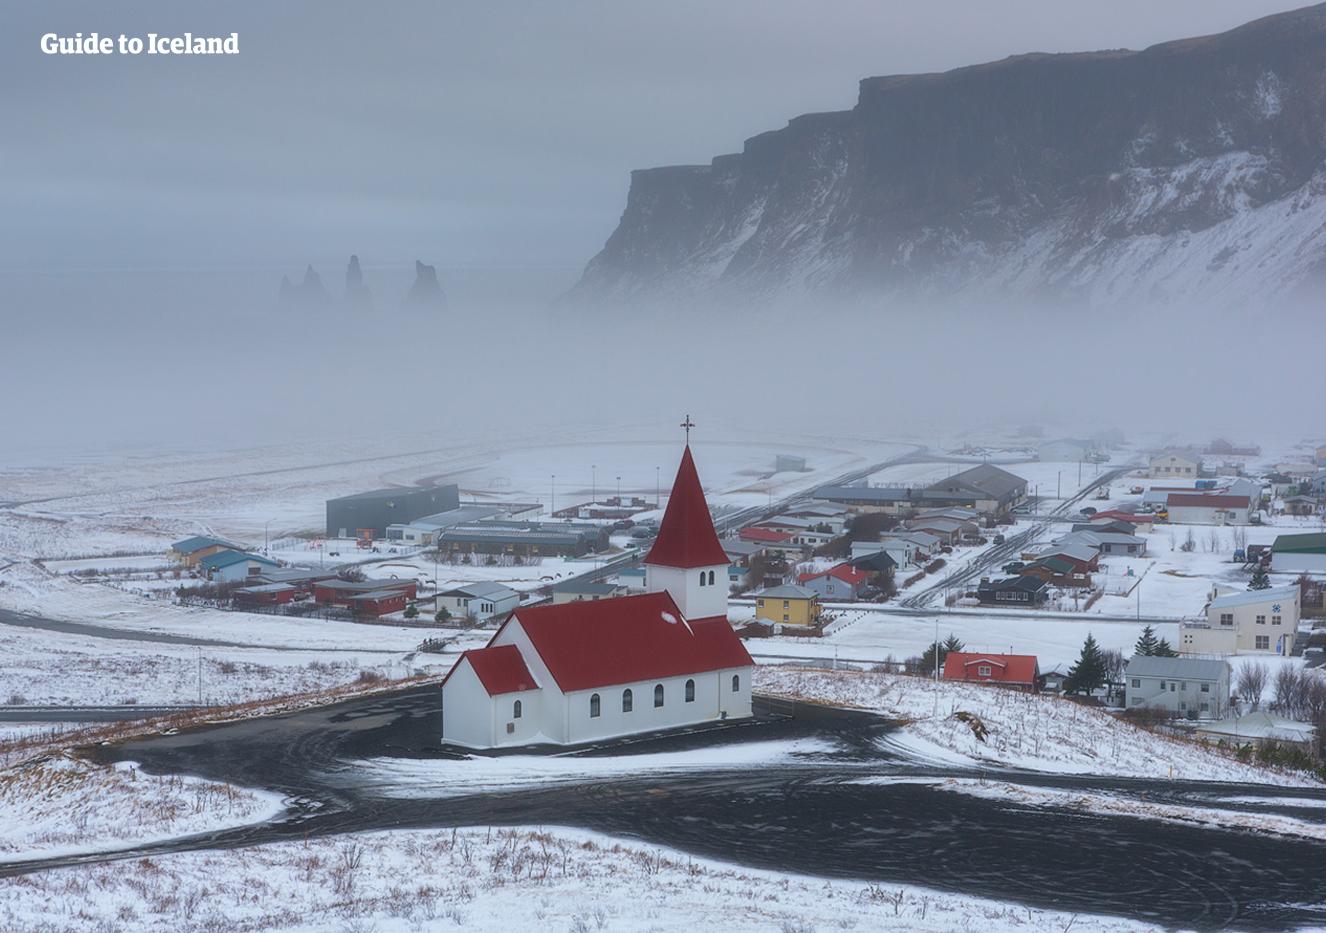 11-дневный автотур вокруг Исландии в поисках северного сияния   Кольцевая дорога и полуостров Снайфелльснес - day 9